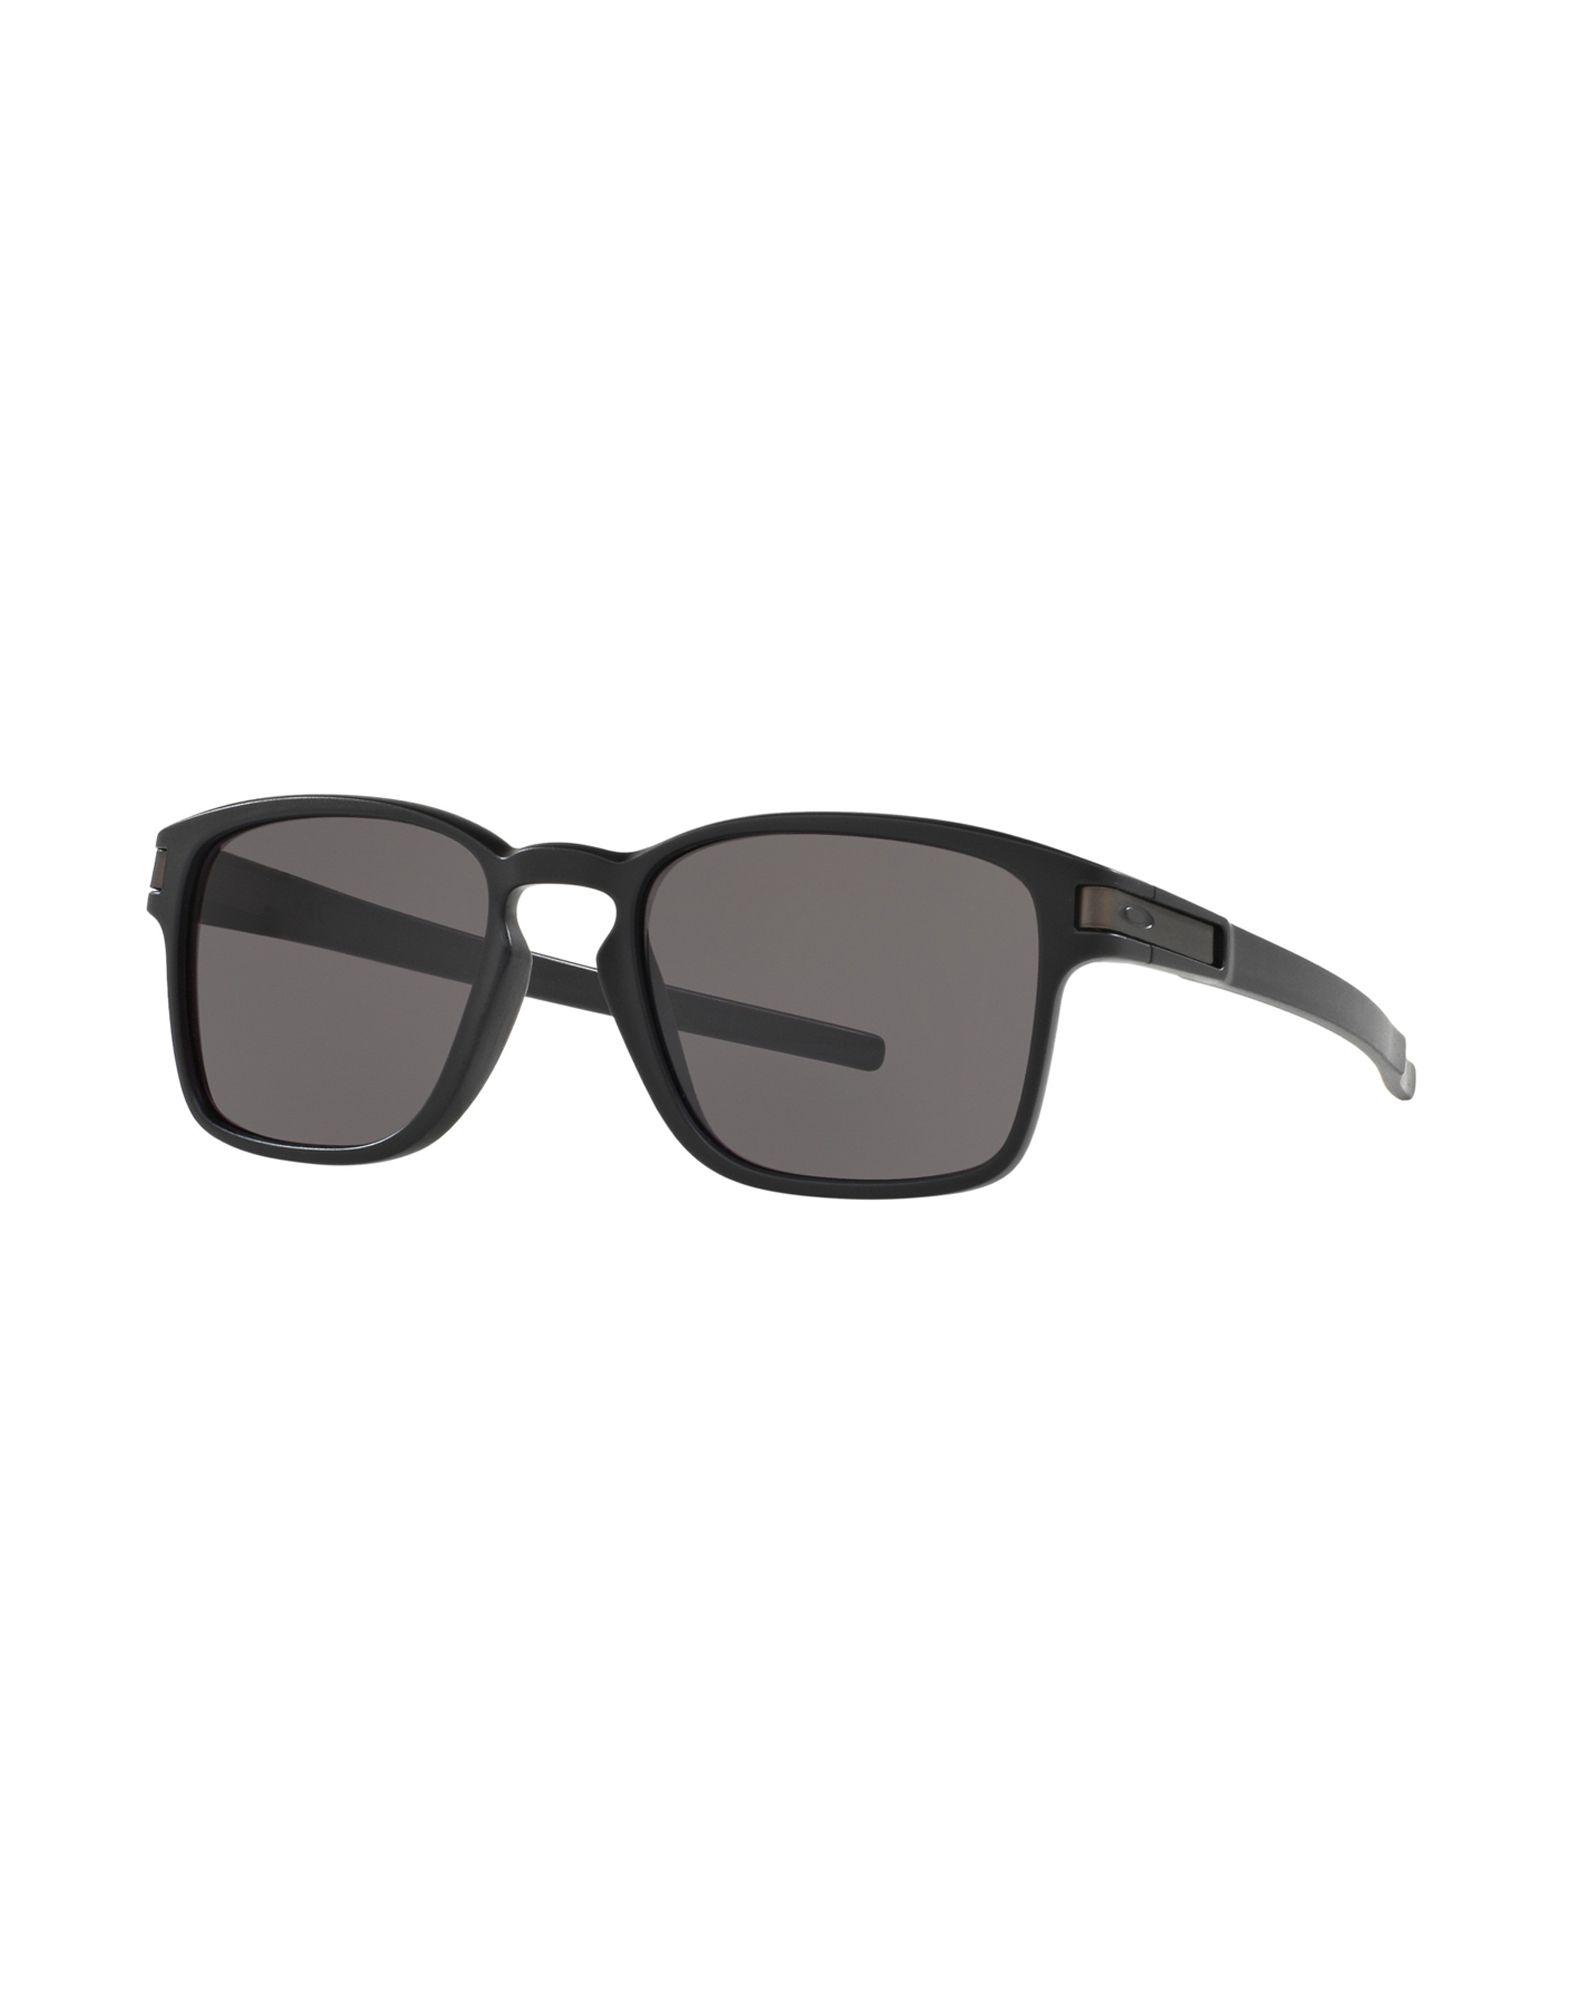 occhiali da sole oakley costo